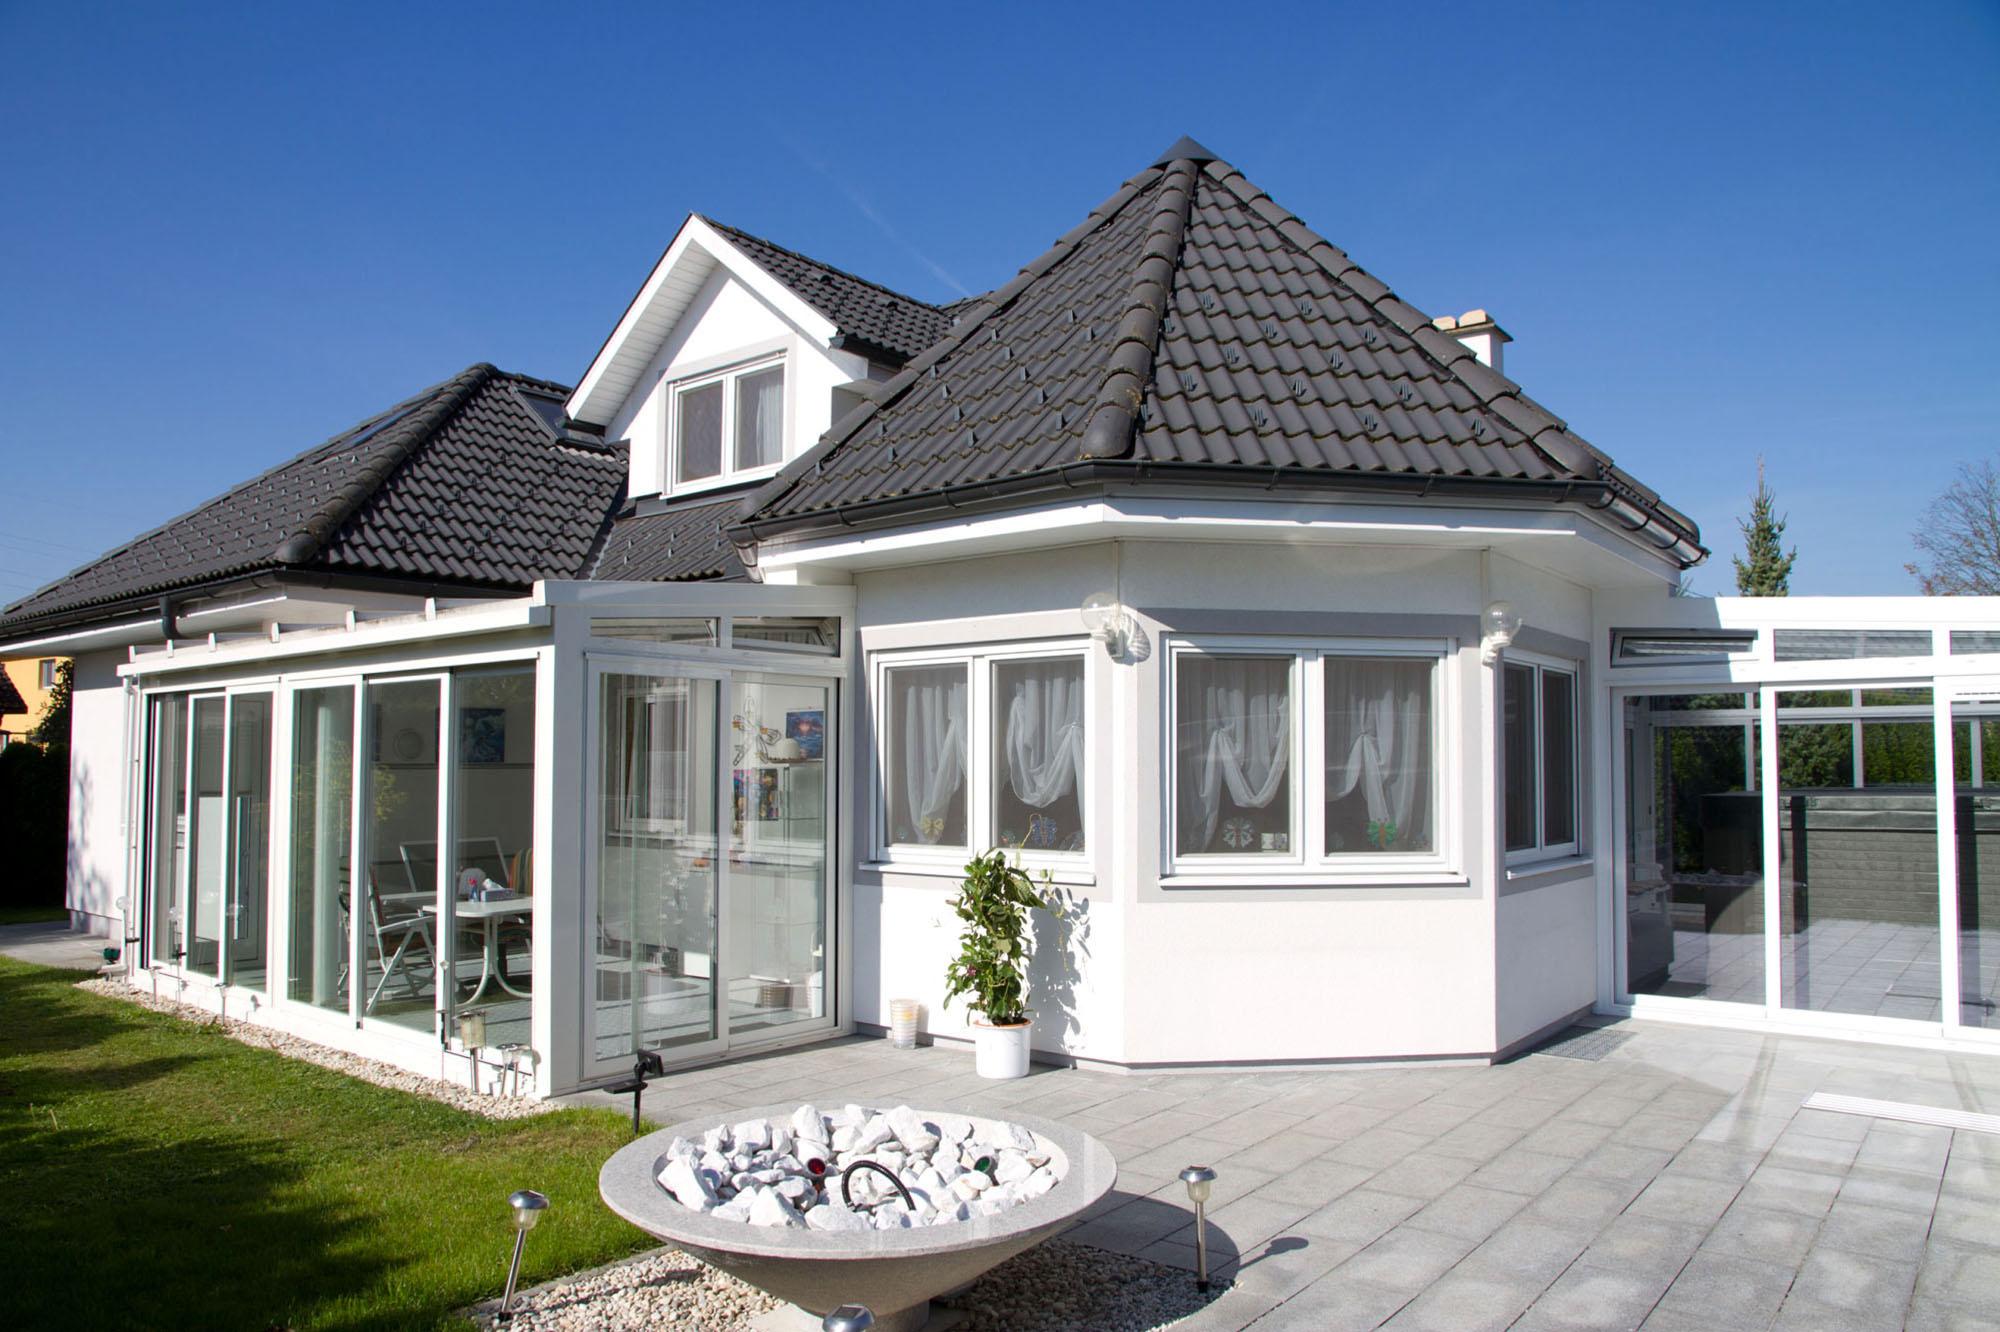 Wohnraumerweiterung durch Wintergarten - Superior